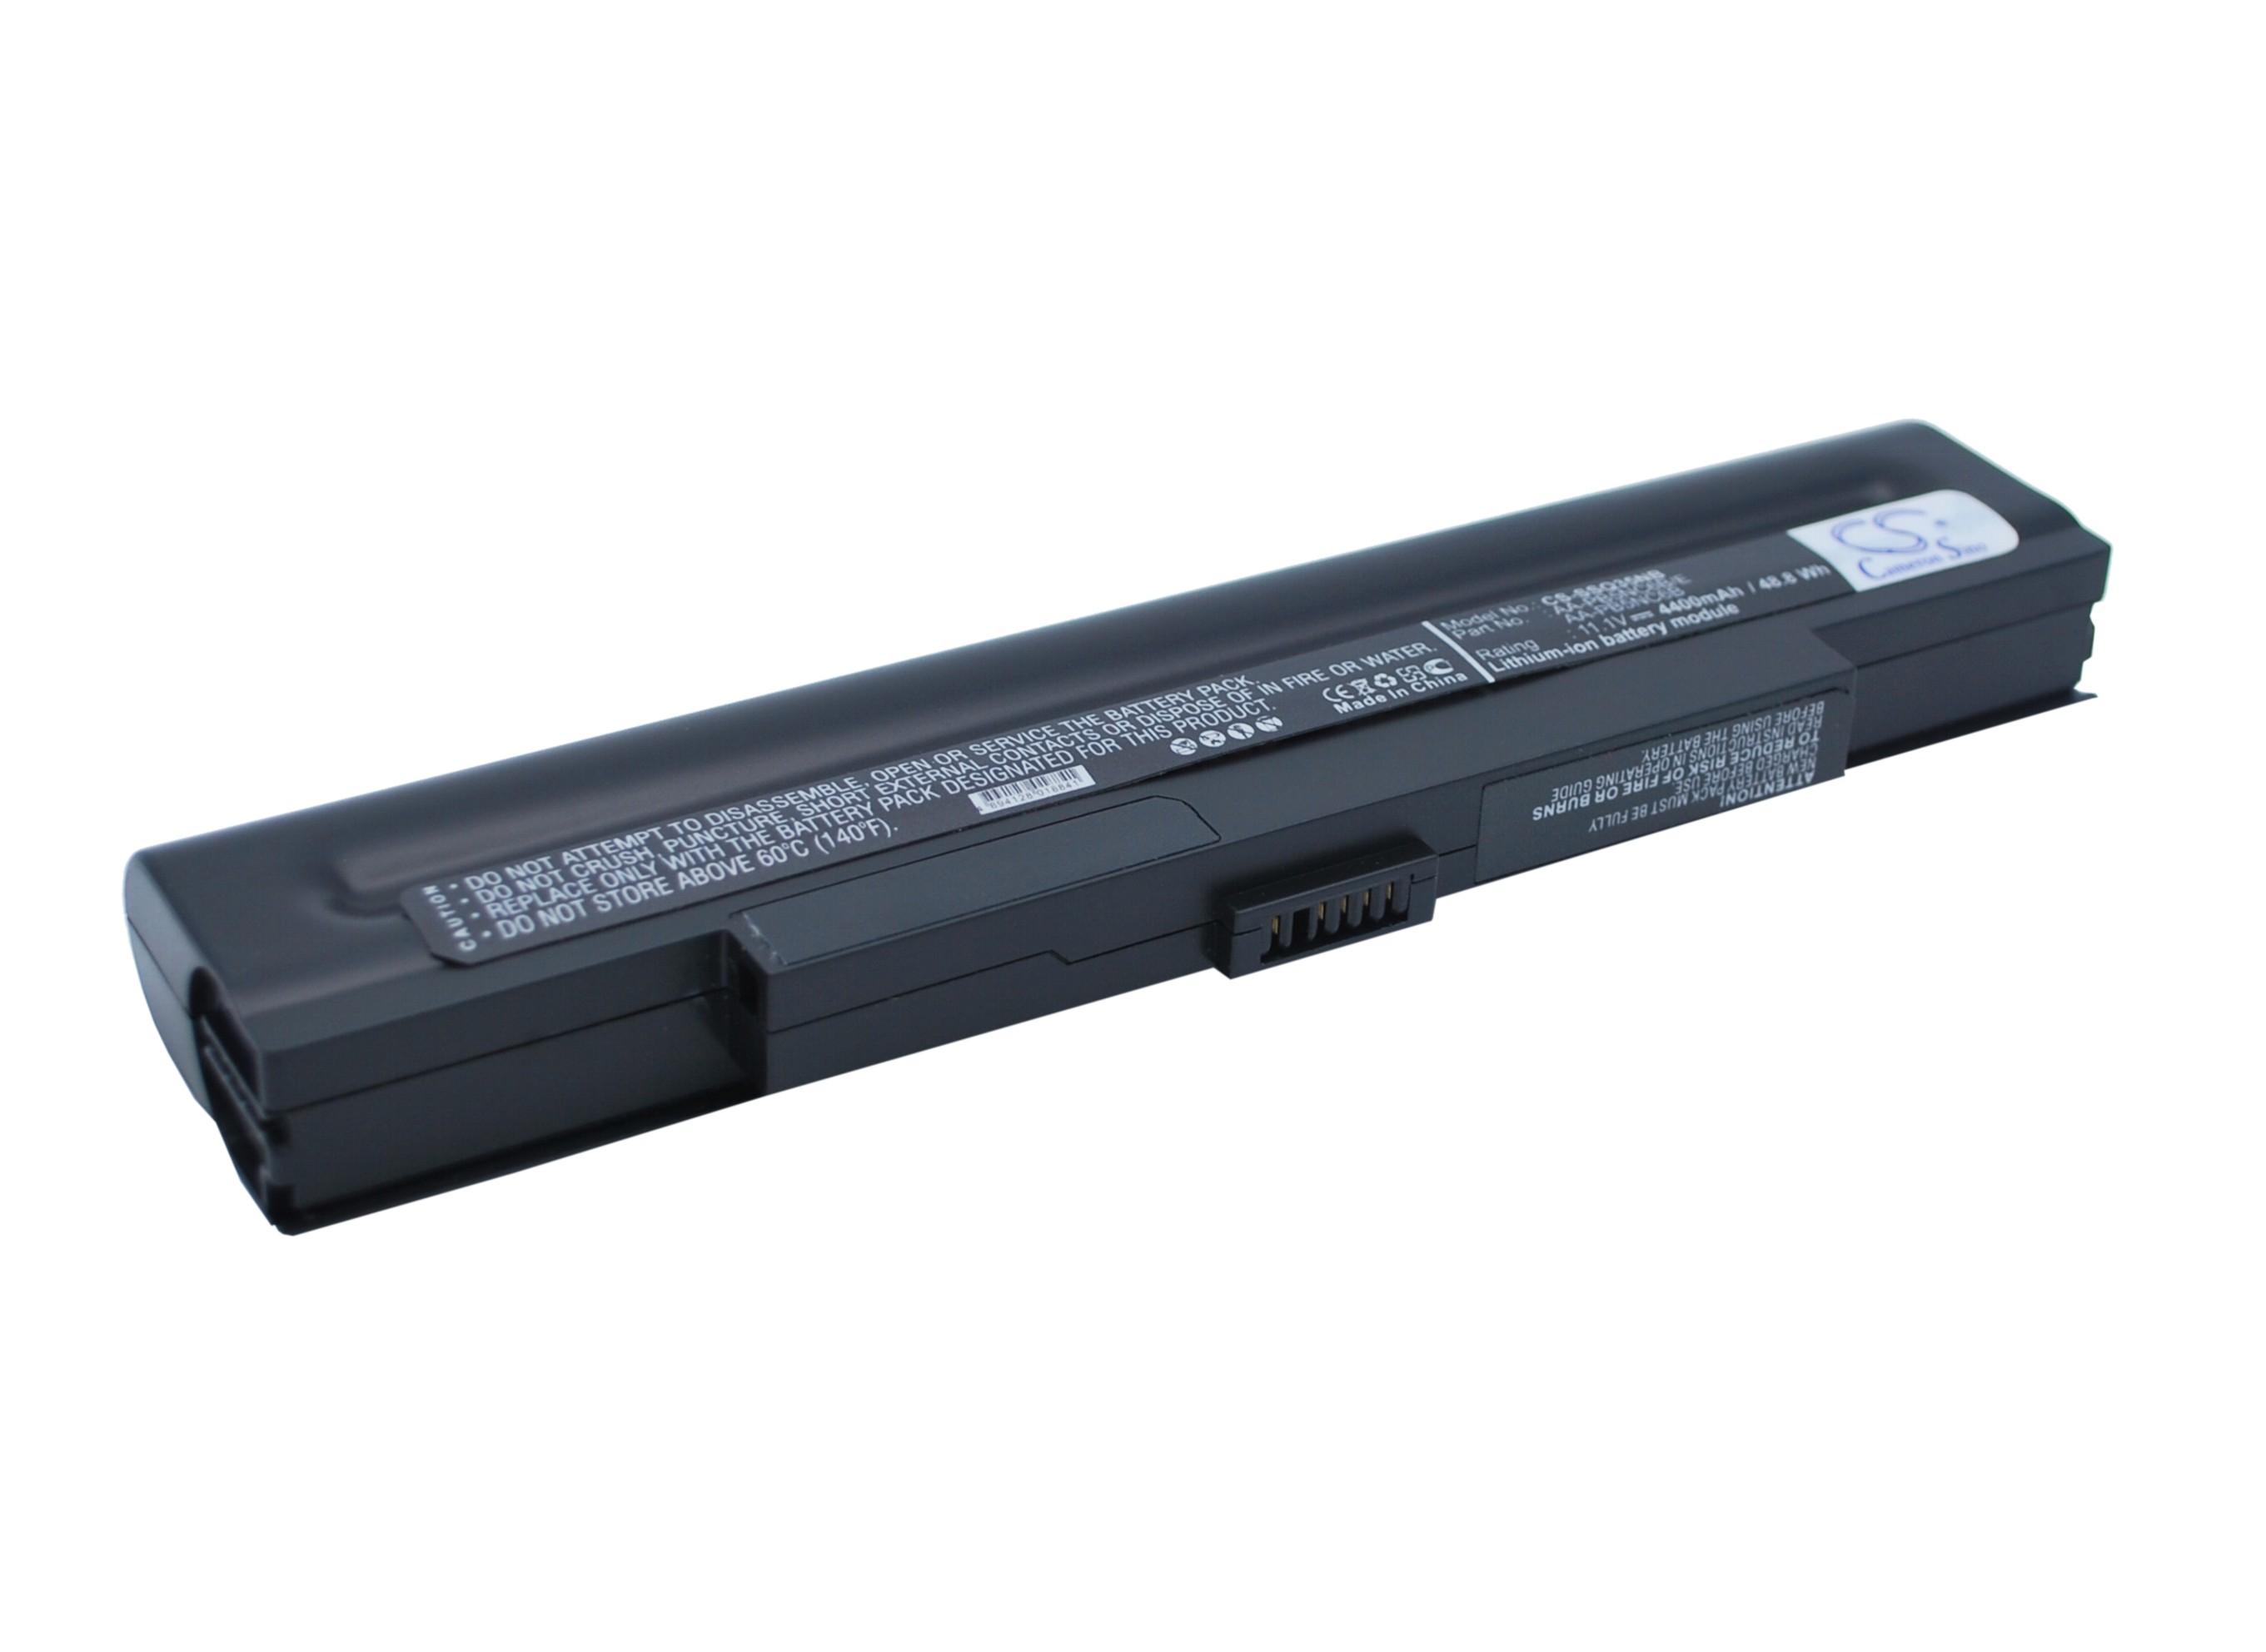 Cameron Sino baterie do notebooků pro SAMSUNG Q35-T5500 Calvin 11.1V Li-ion 4400mAh černá - neoriginální